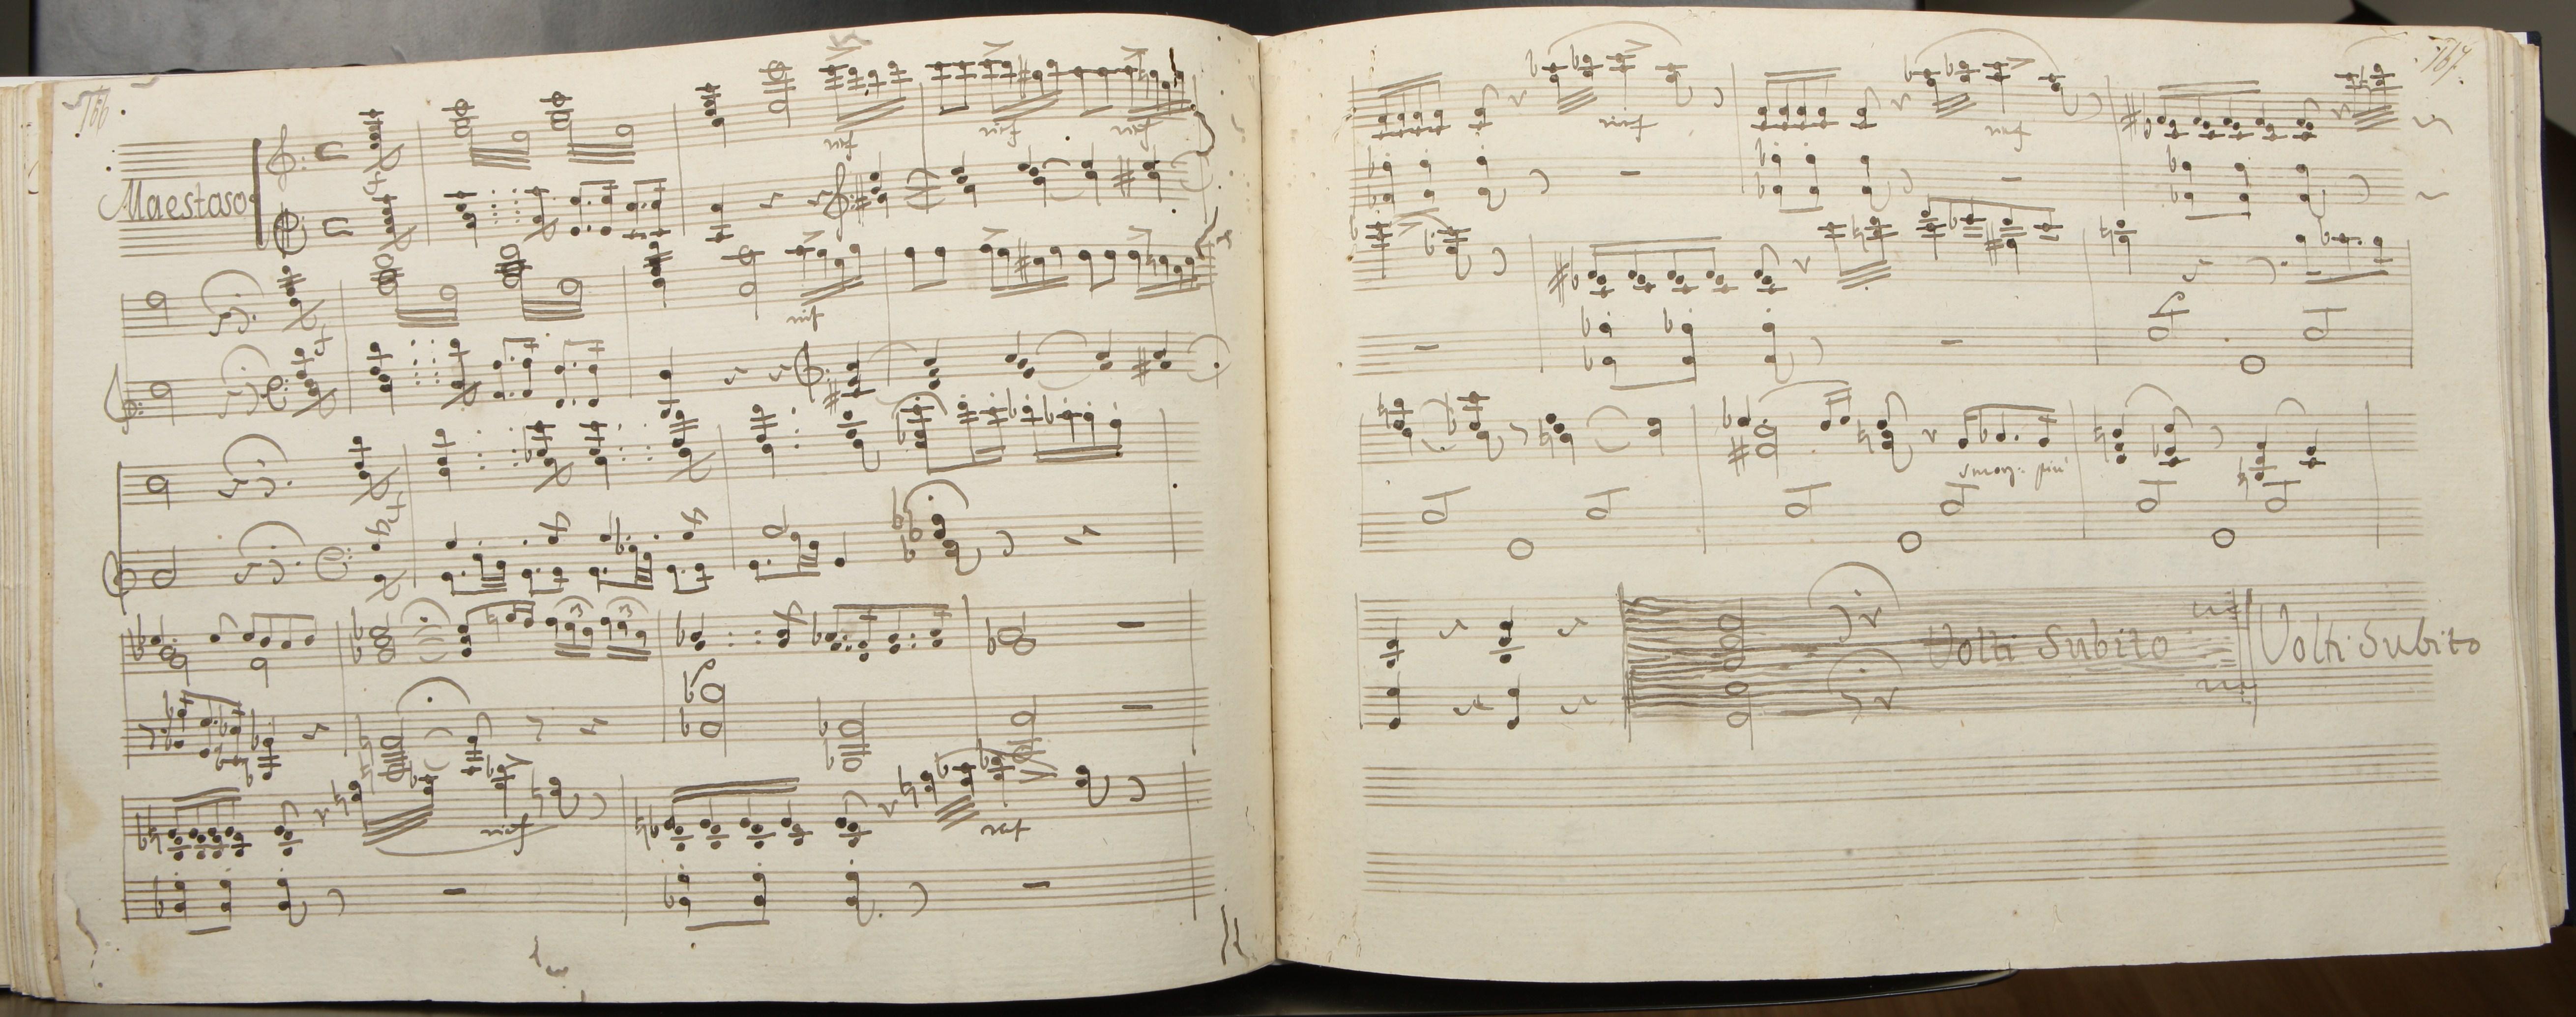 Vandalir Centelleo Exención  Nikolaos Mantzaros: Greek composer (1795 - 1872) | Biography, Facts,  Career, Wiki, Life